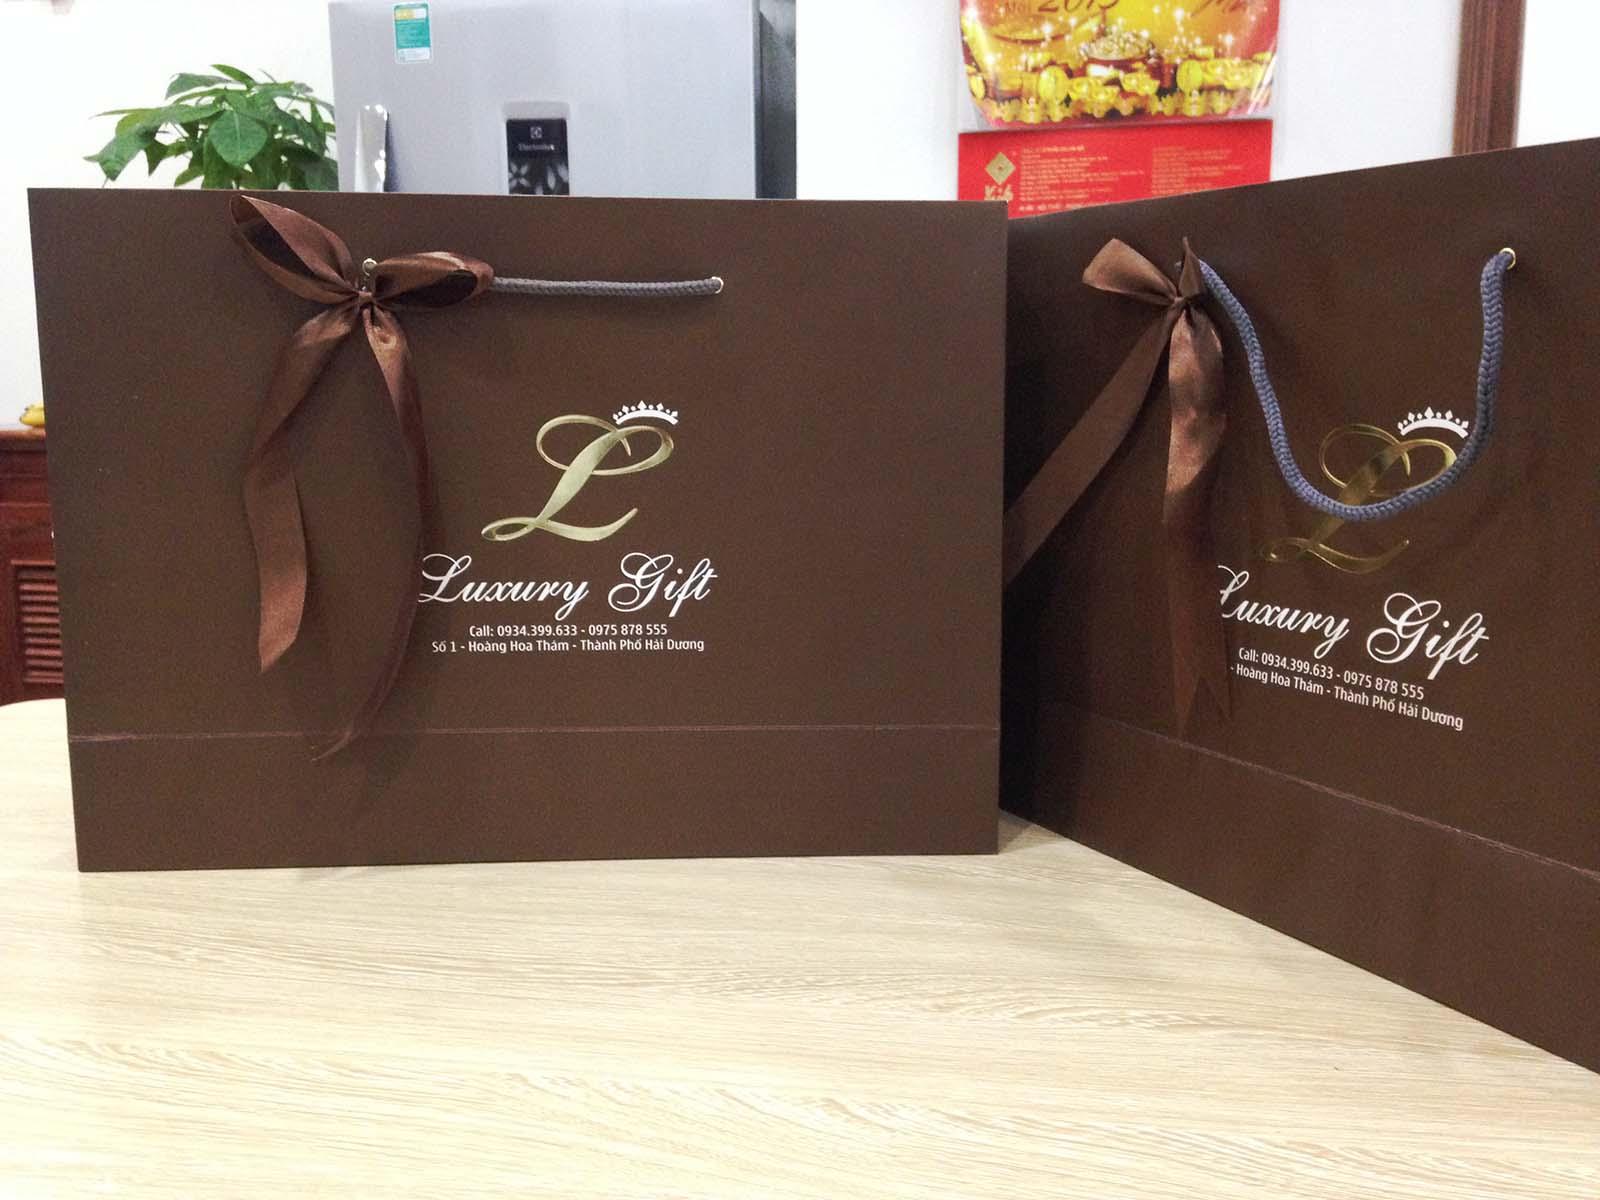 Dùng túi giấy để đựng quà tặng thể hiện  được thành ý của người tặng, người biếu quà.